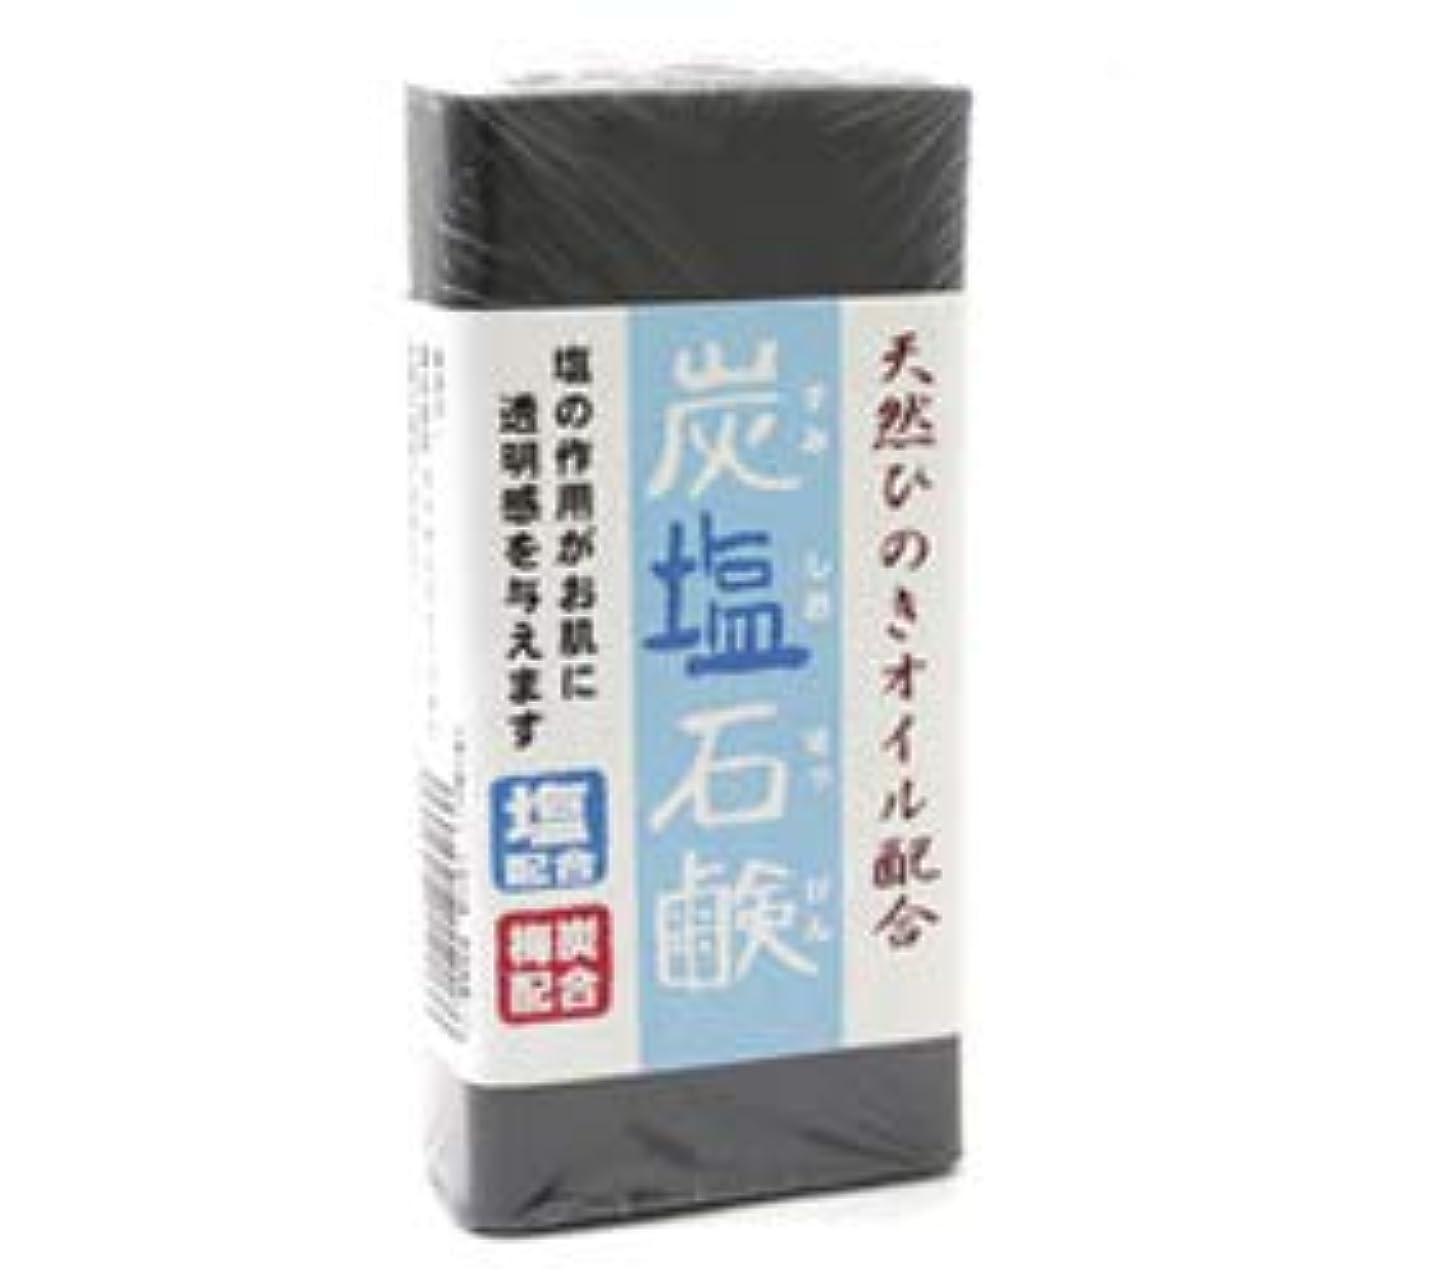 興奮するバーガー赤字炭塩石鹸 ロングサイズ 【 天然ひのきオイル配合】